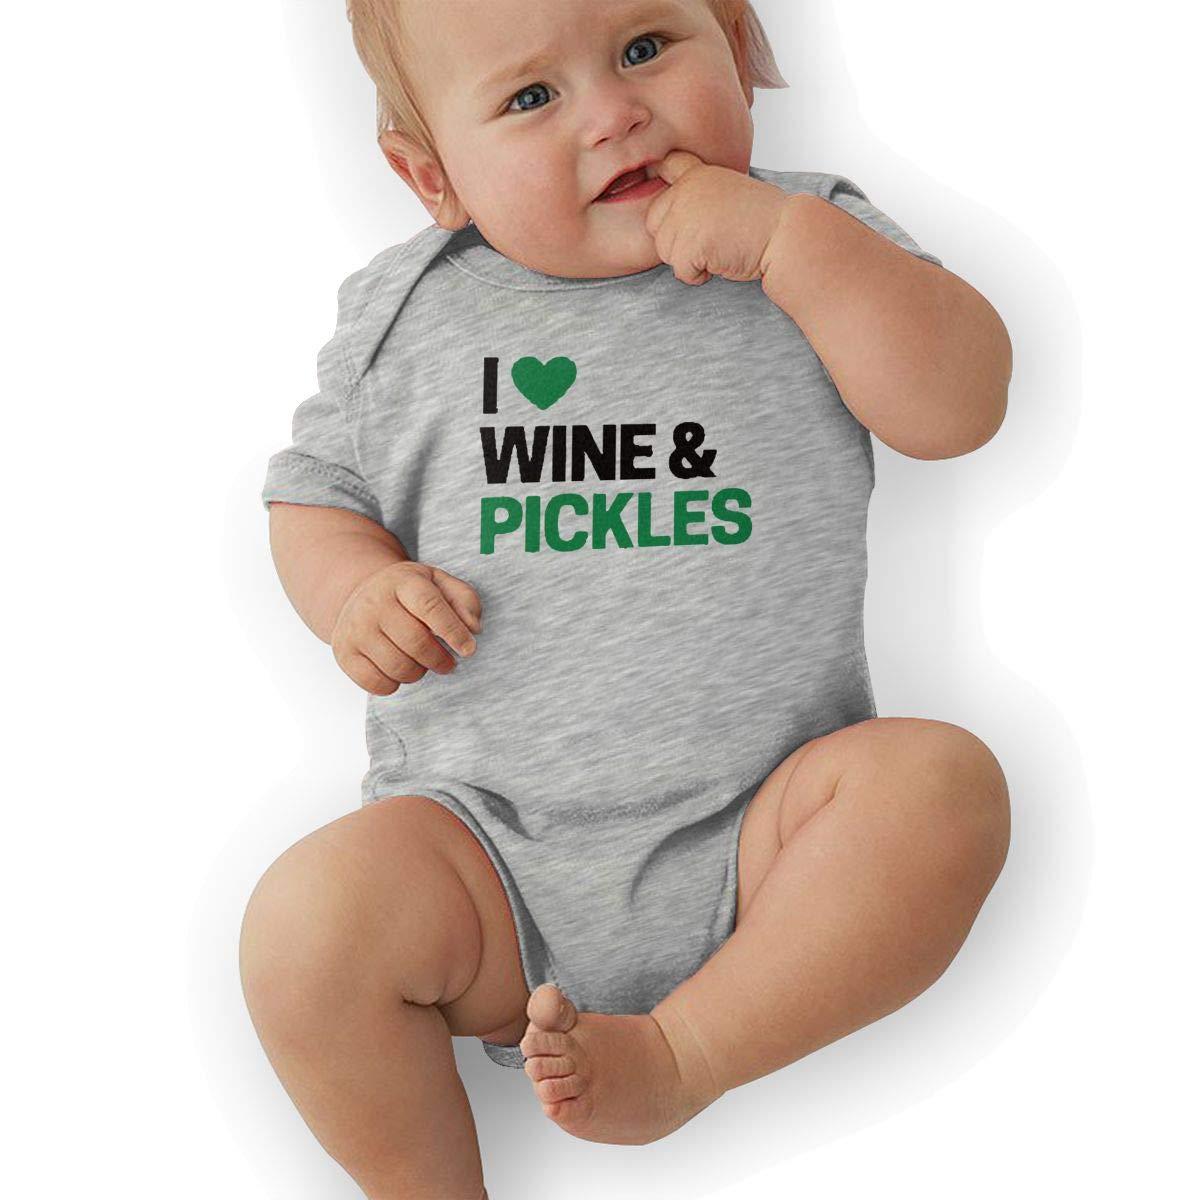 I Love Wine /& Pickles Retro Newborn Baby Short Sleeve Bodysuit Romper Infant Summer Clothing